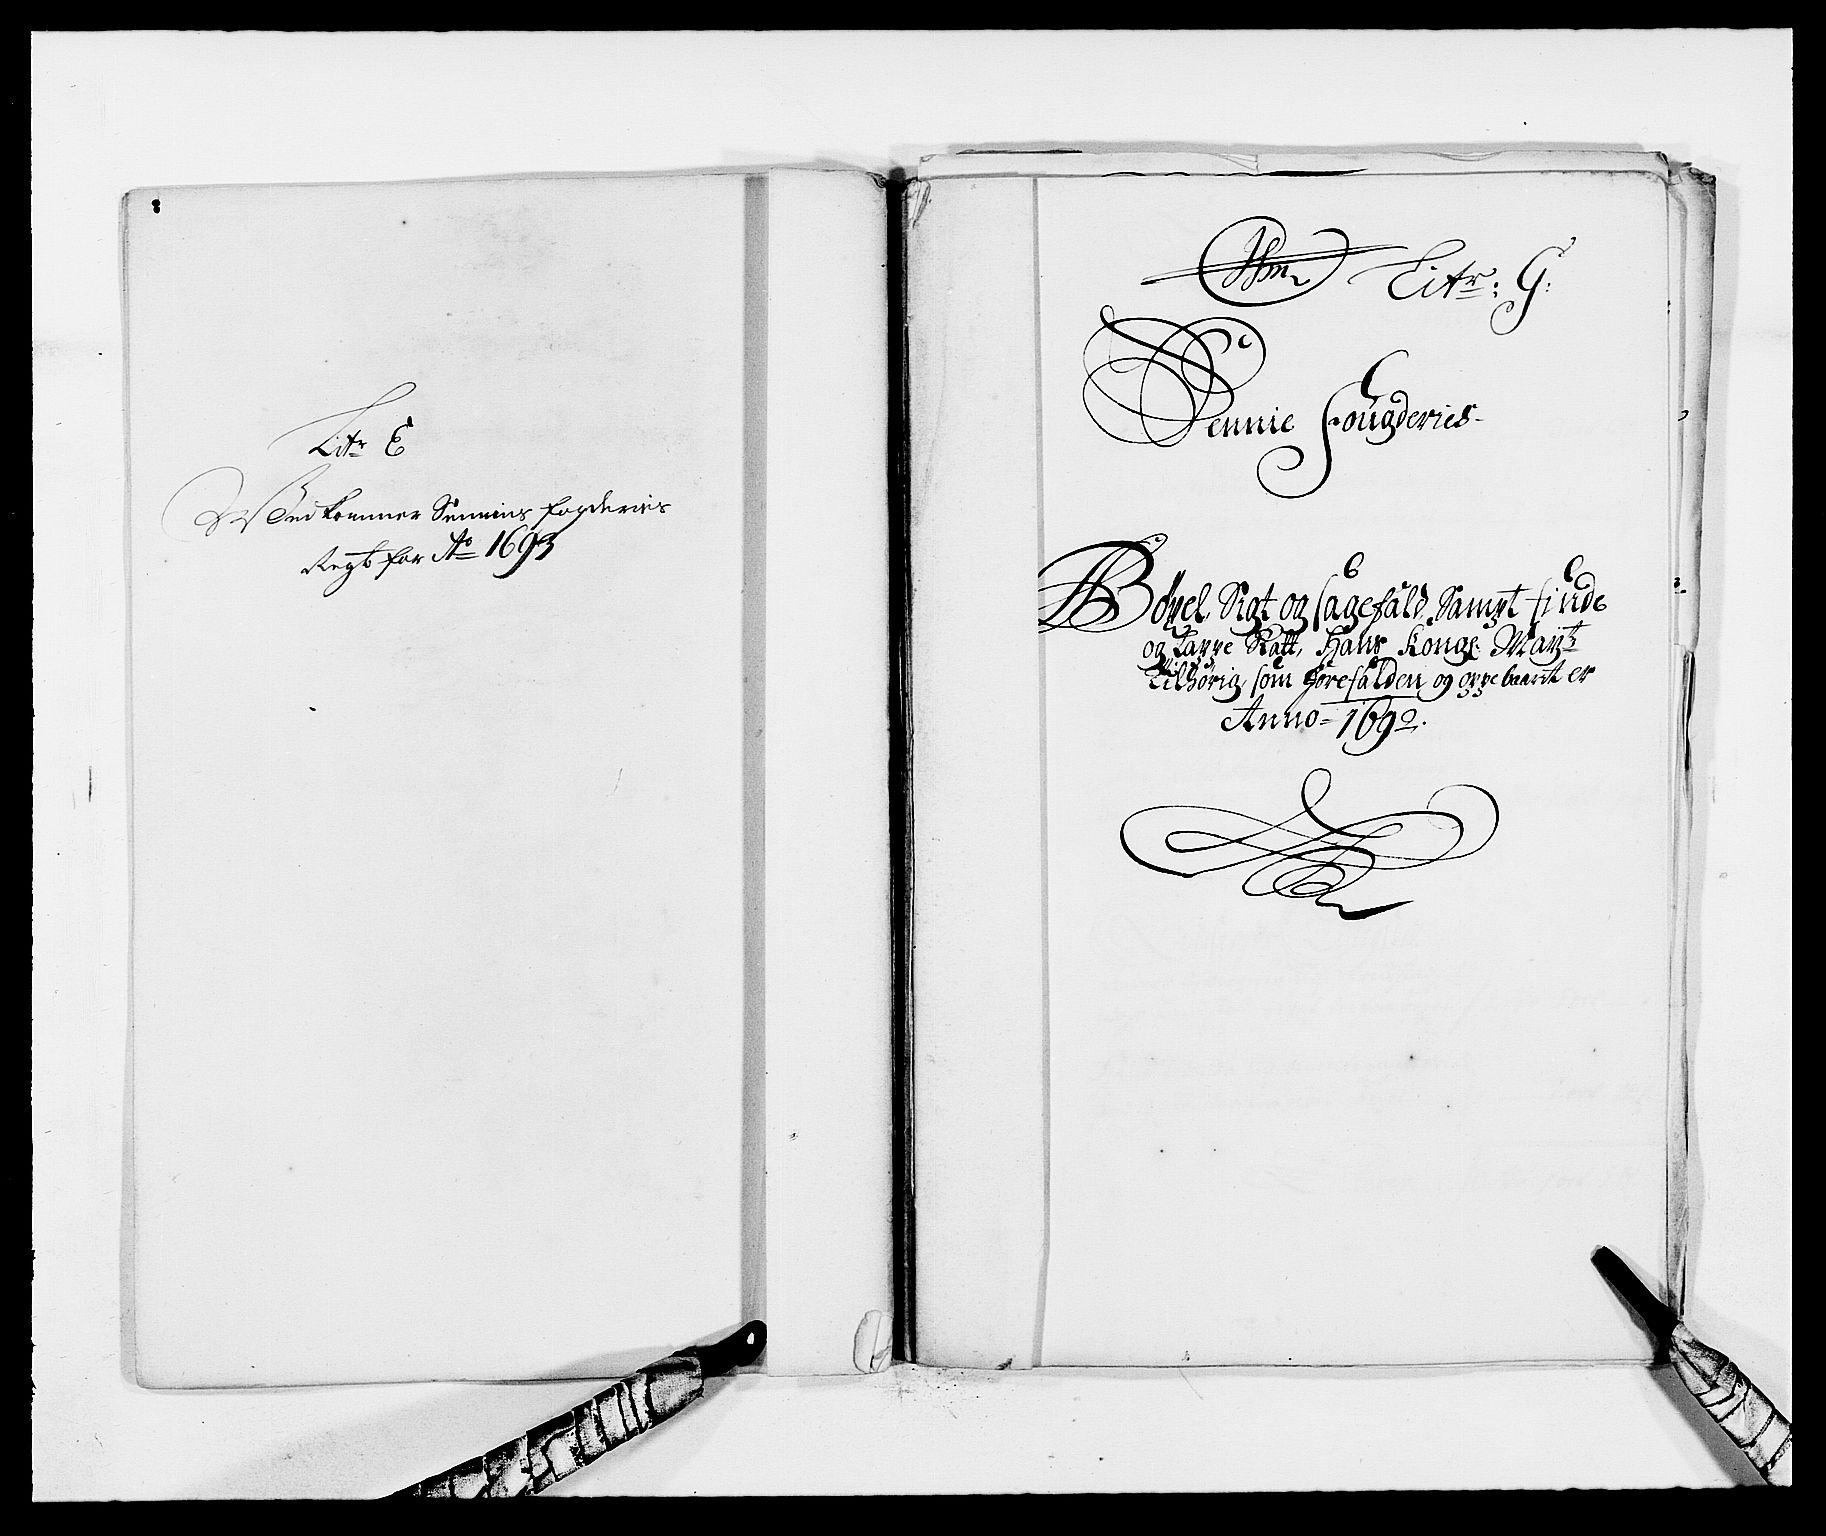 RA, Rentekammeret inntil 1814, Reviderte regnskaper, Fogderegnskap, R68/L4752: Fogderegnskap Senja og Troms, 1691-1693, s. 216